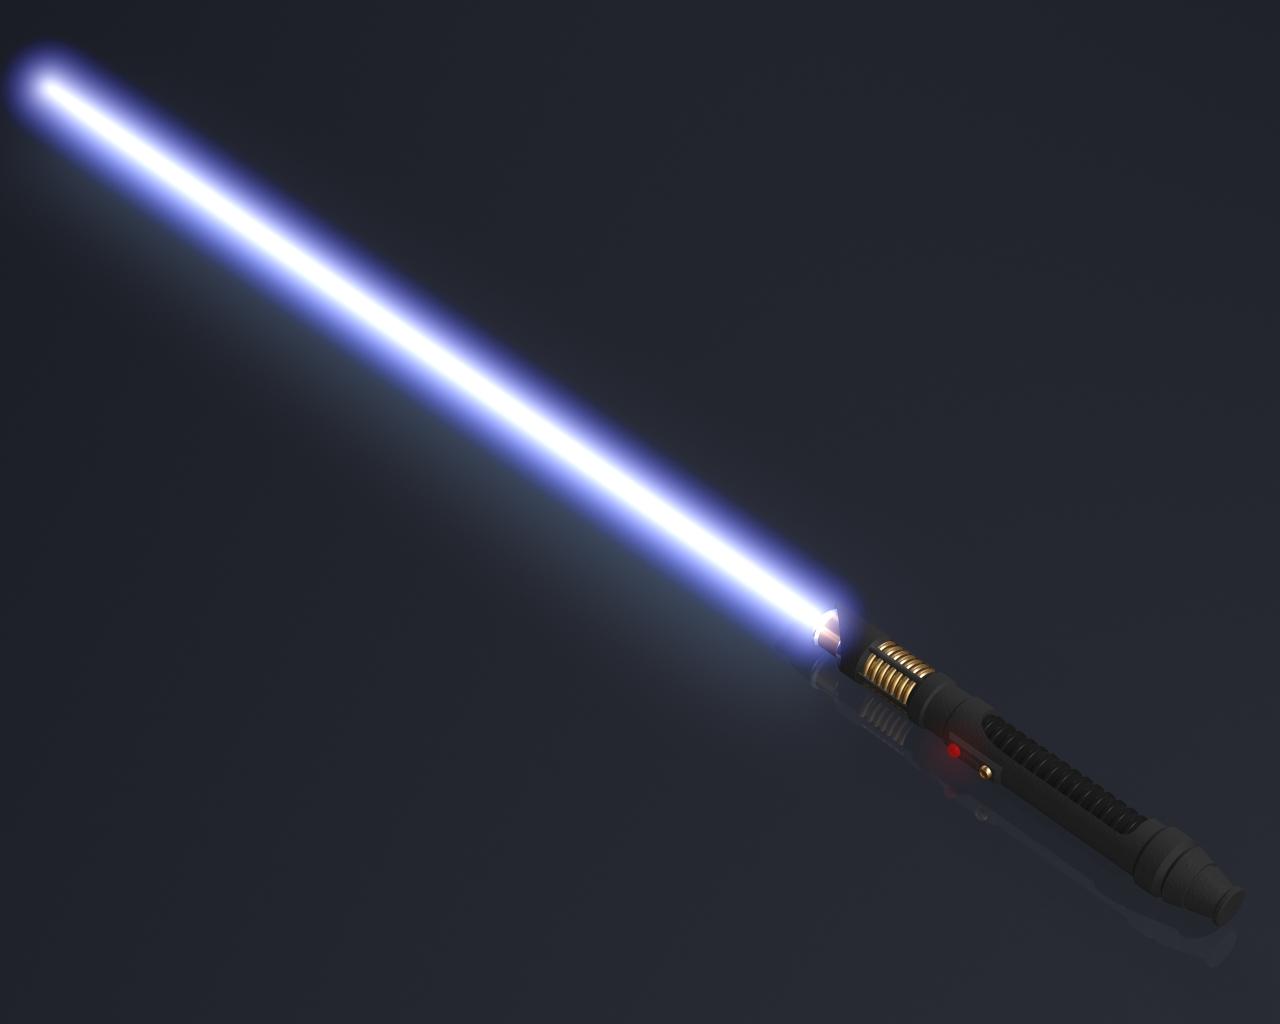 lightsaber3.jpg